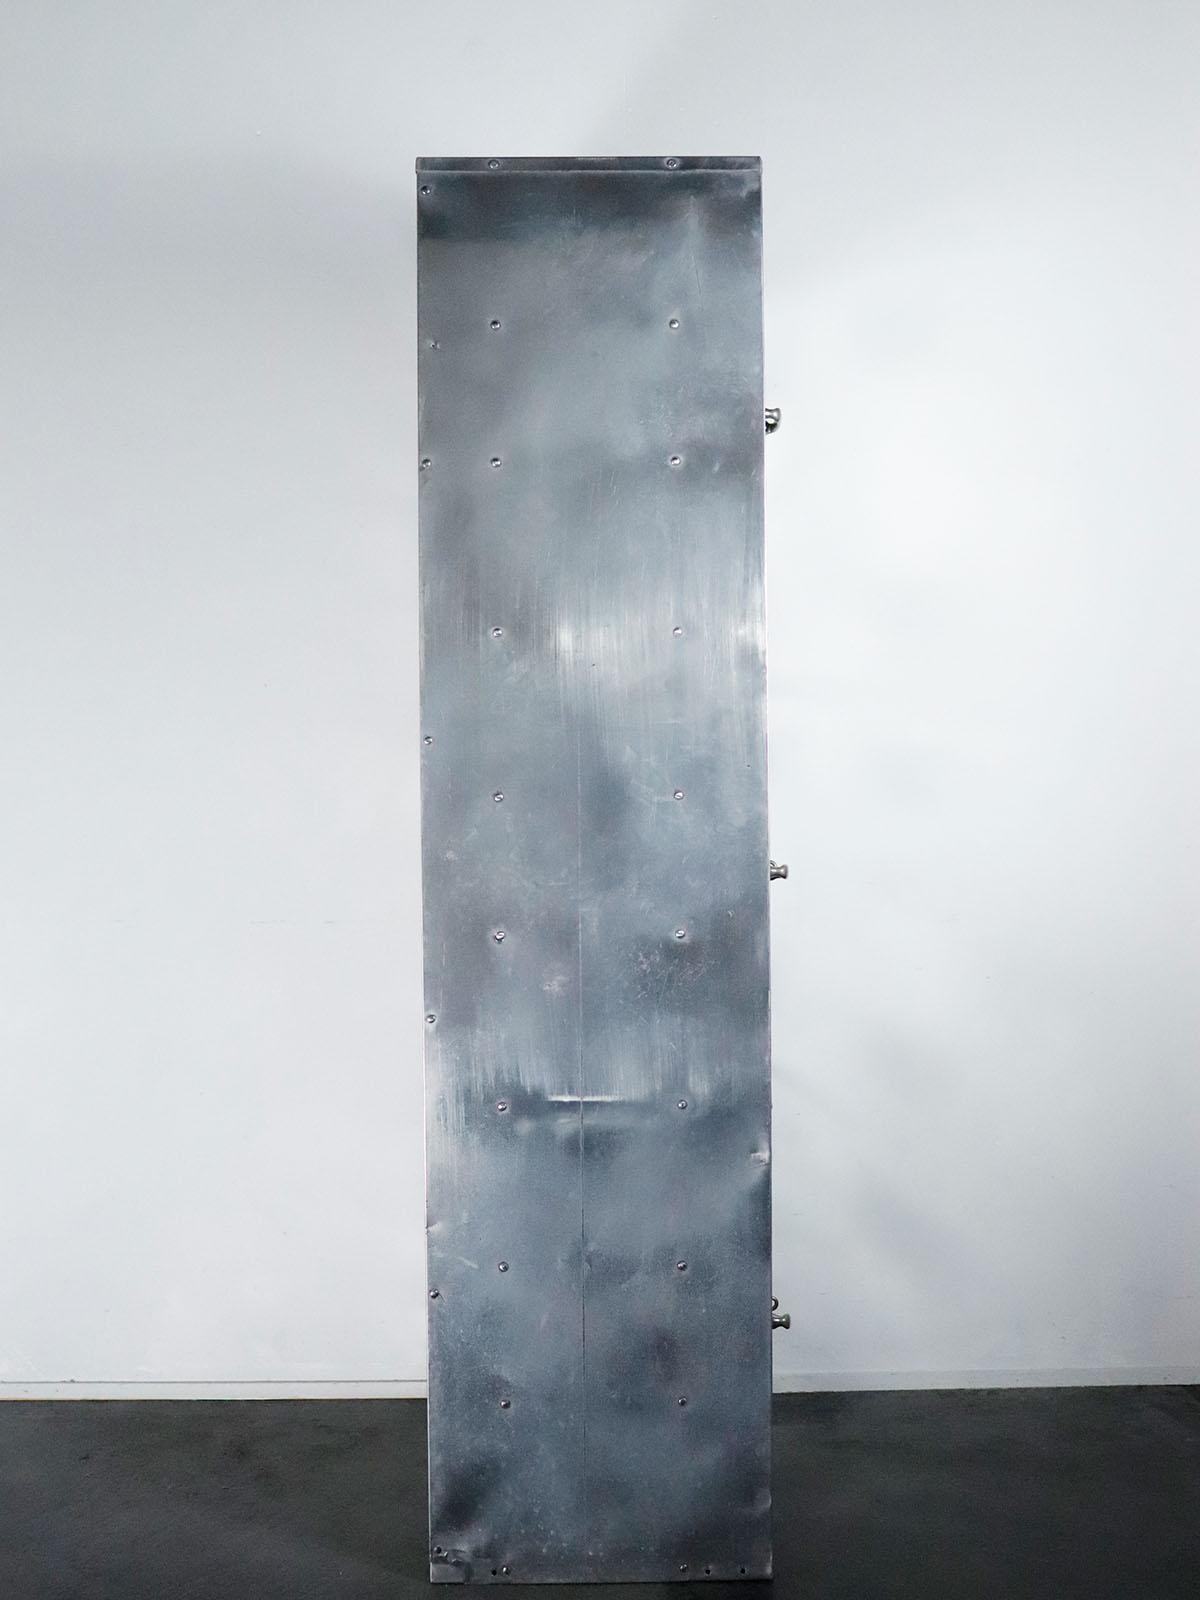 WWⅡ, USA,vintage,locker,USNAVY,aluminum